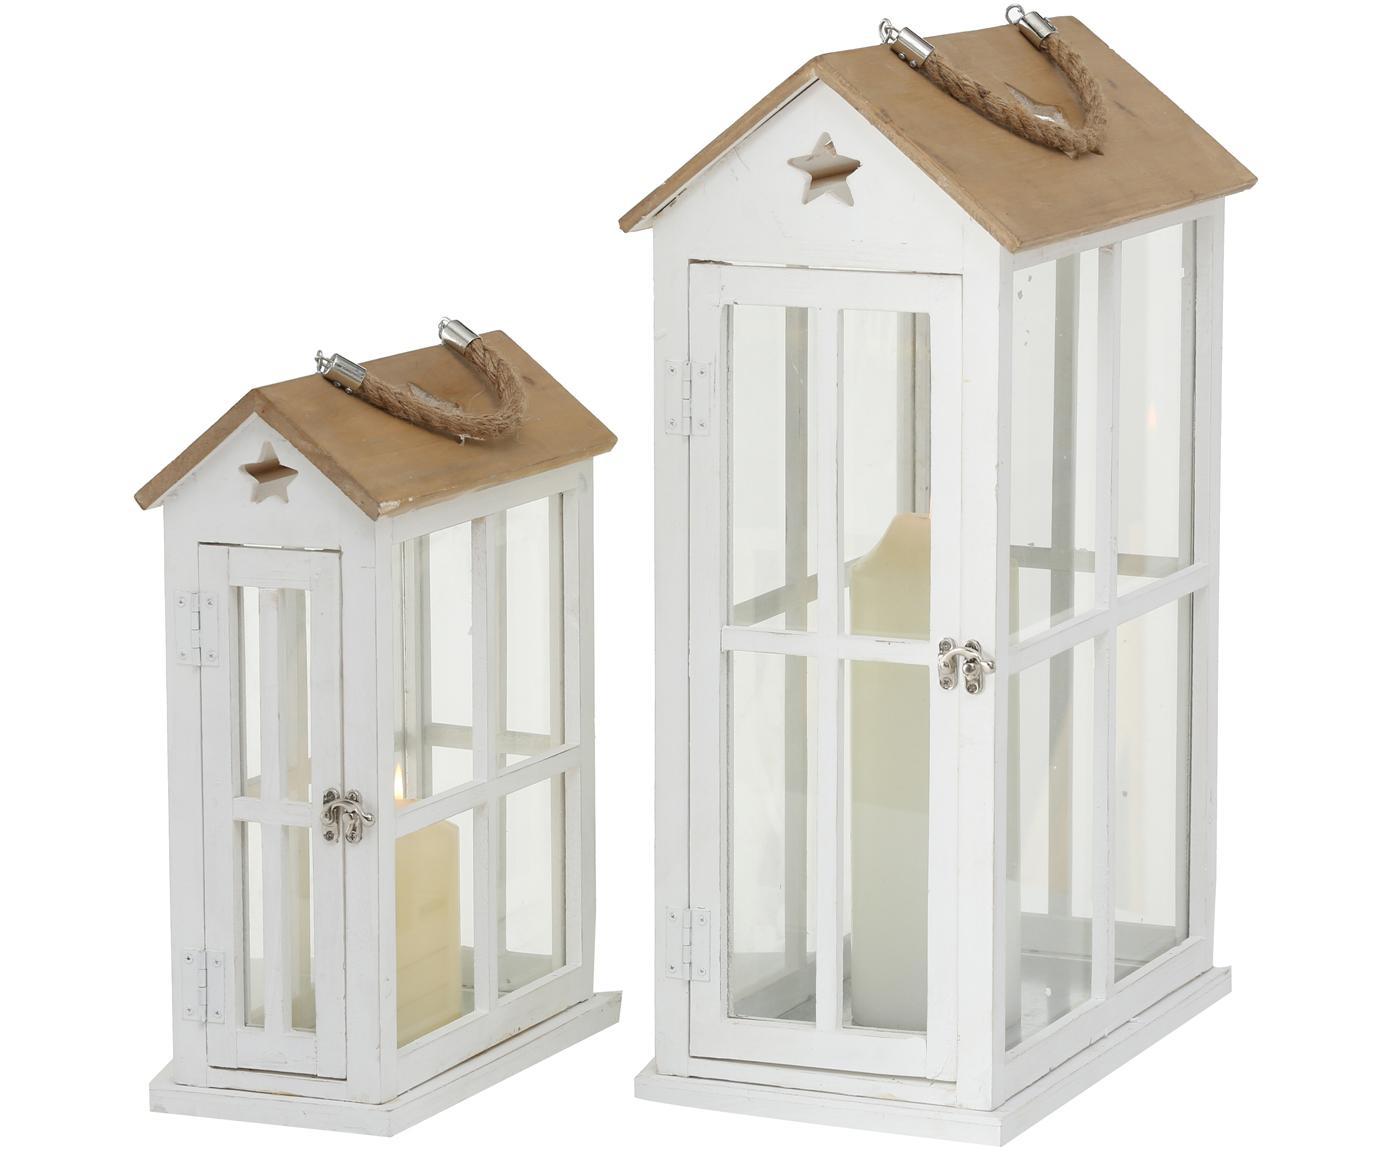 Set de farolillos Casa, 2pzas., Estructura: madera de pino recubierta, Asa: yute, Blanco, madera, Tamaños diferentes